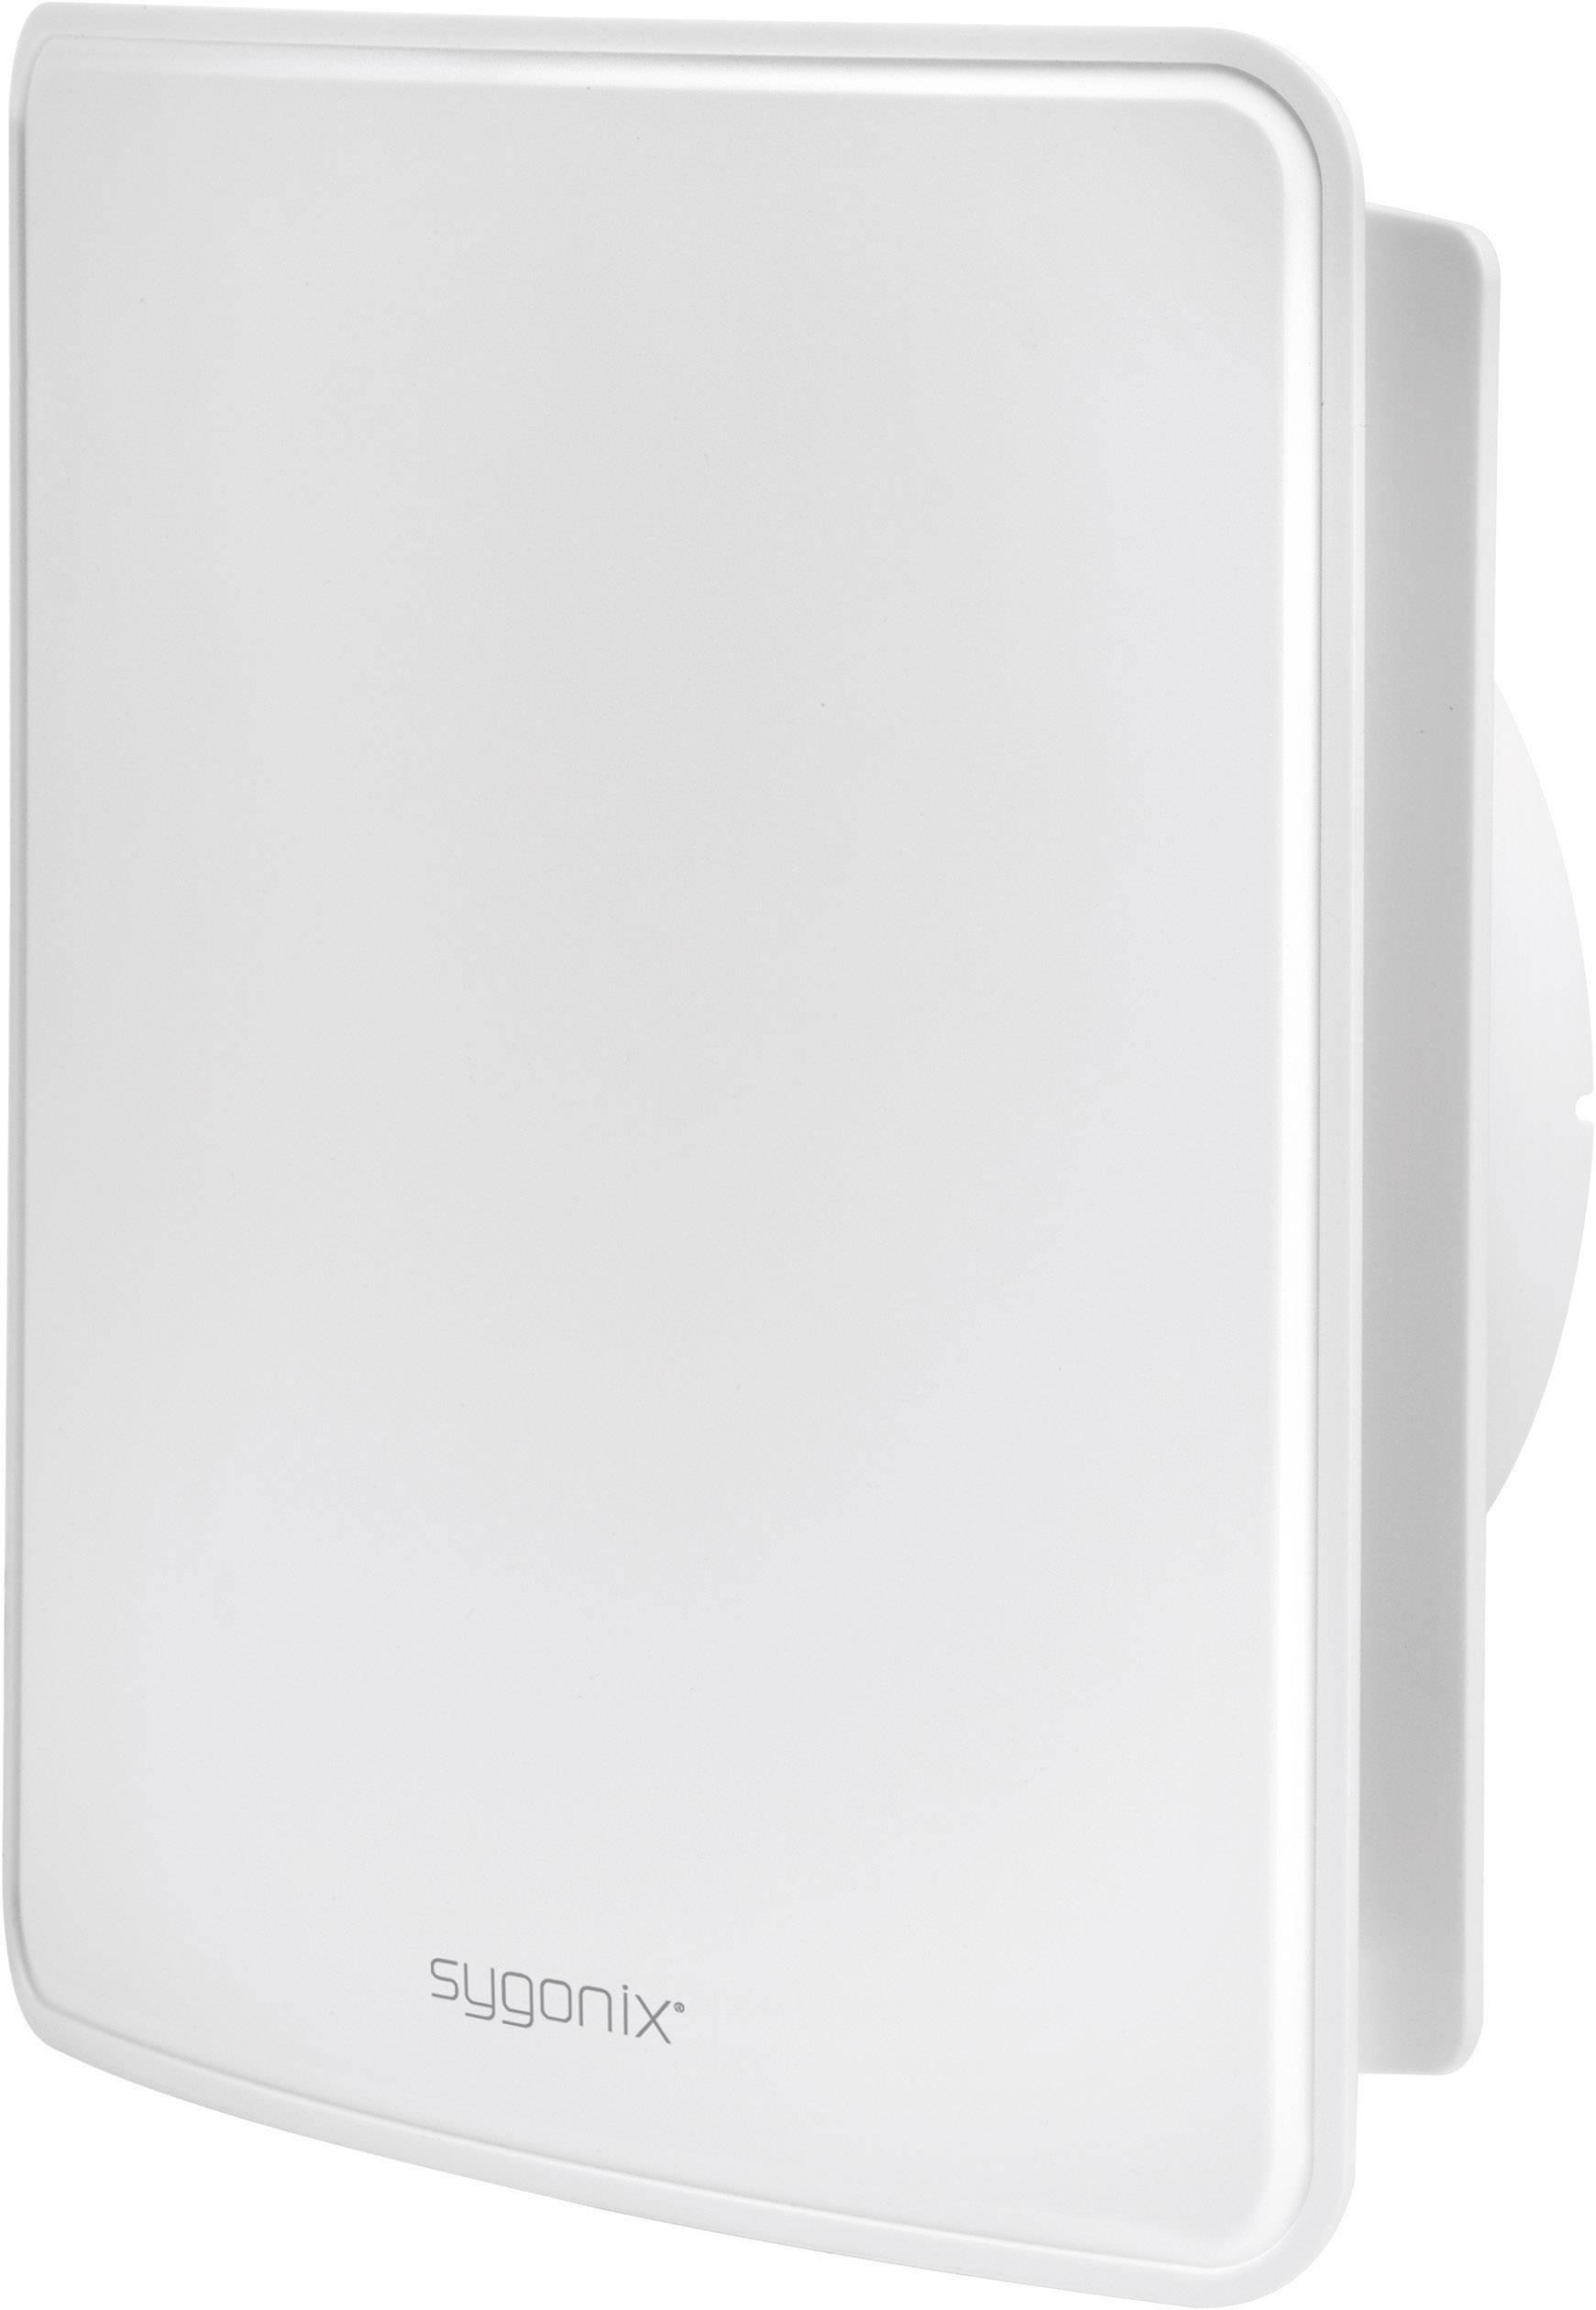 Kryt na trubkový ventilátor Sygonix, 125 mm, bílá